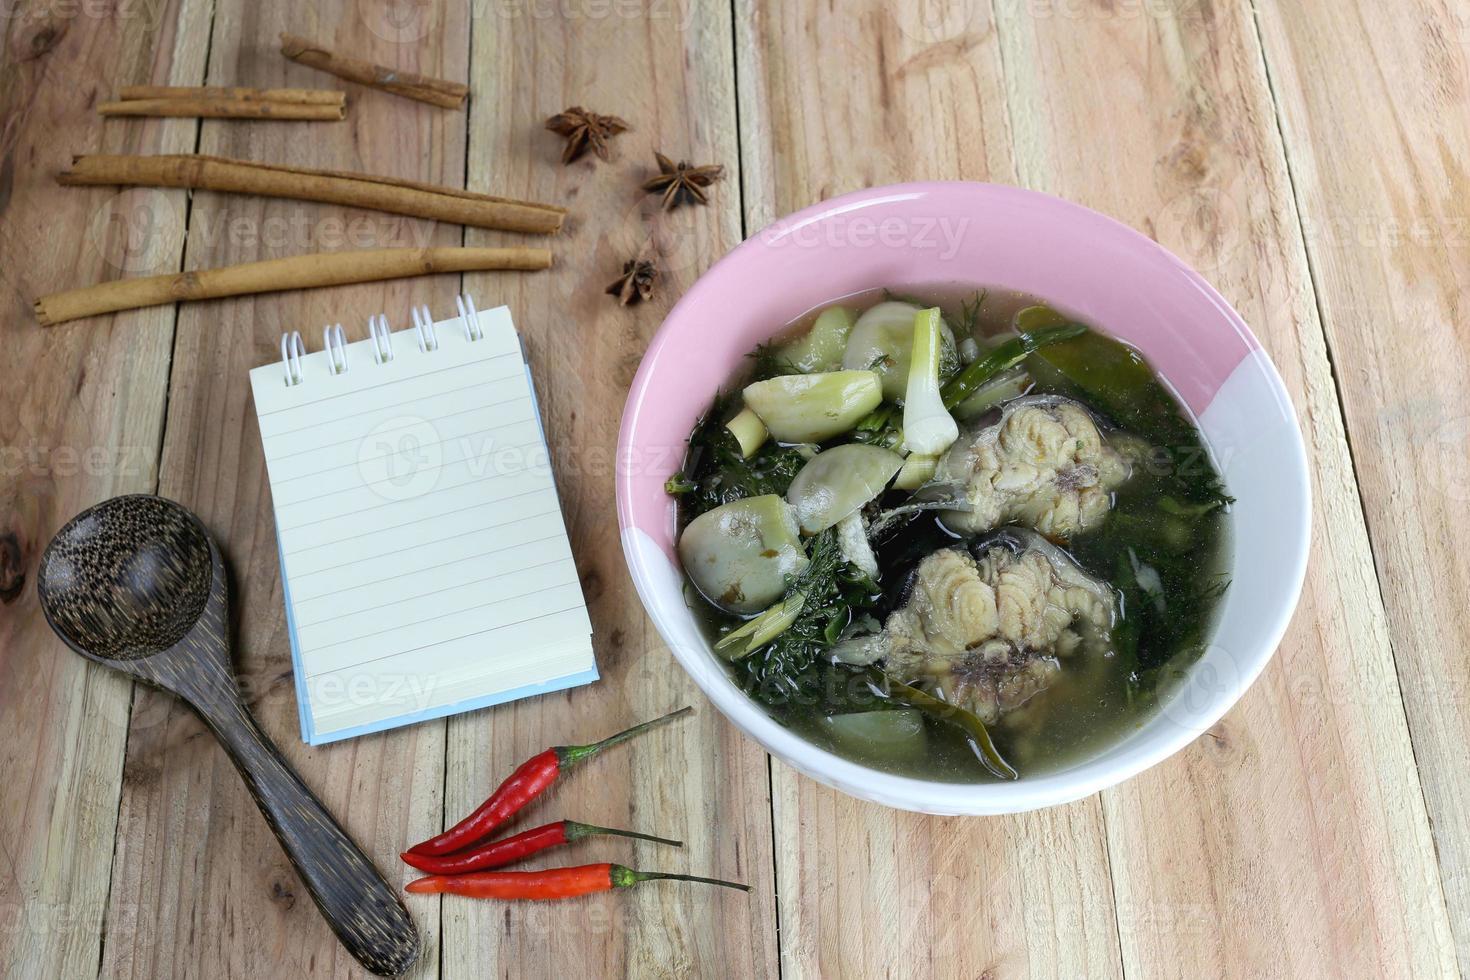 detta är en lokal thailändsk mat, kang om. foto